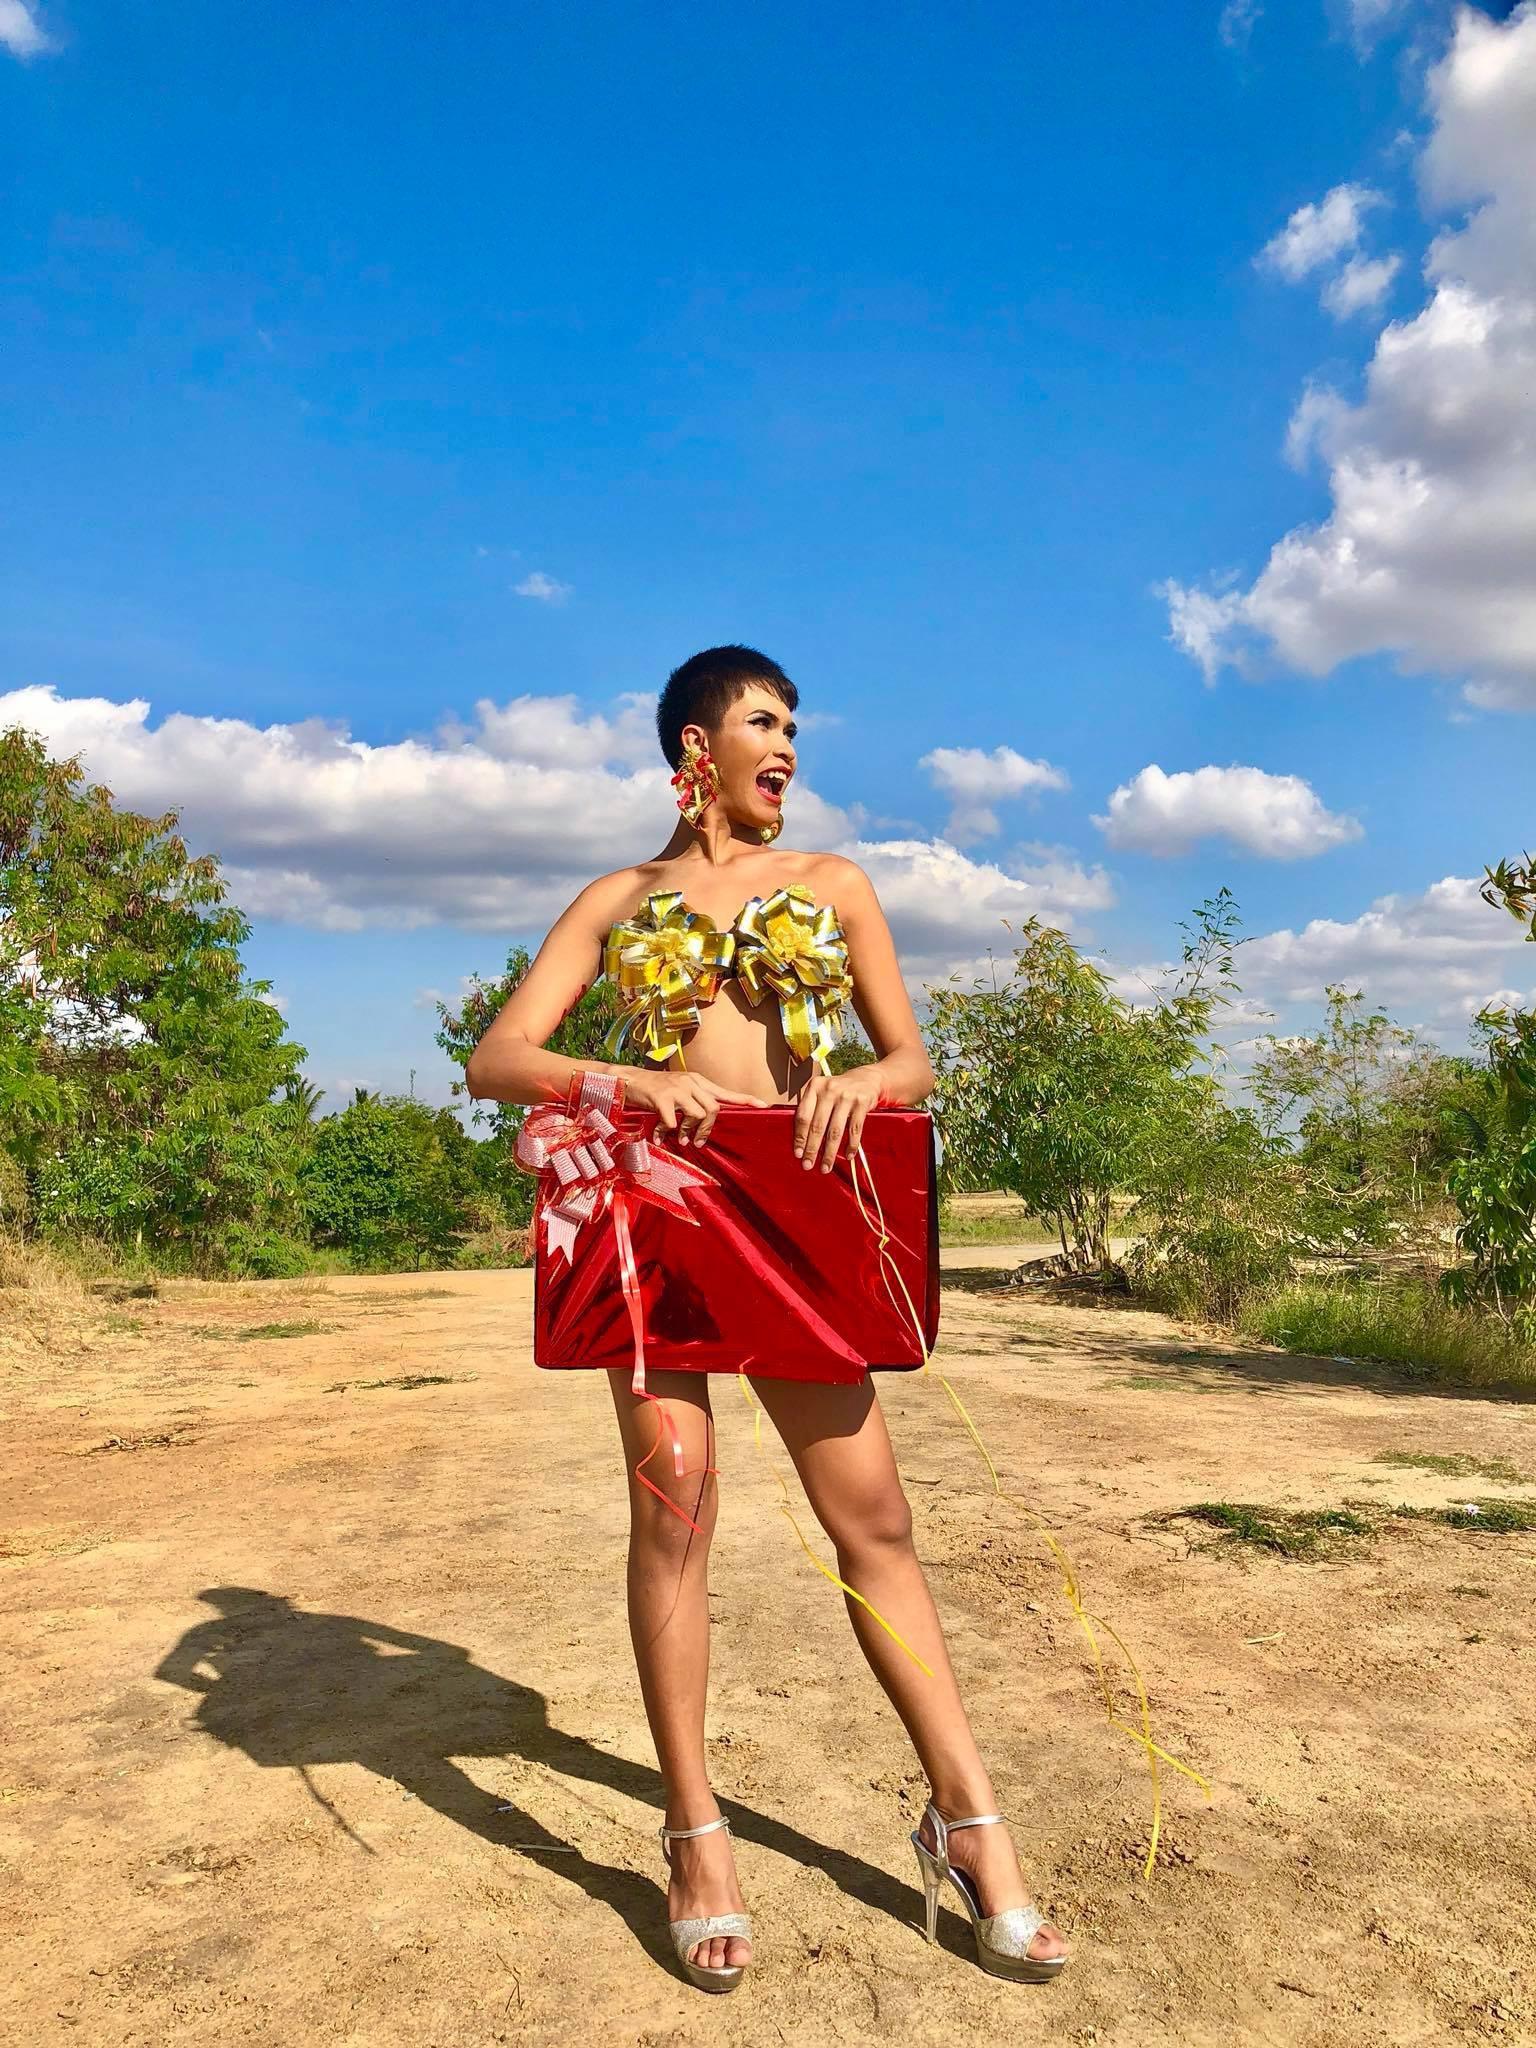 Dàn mẫu Victoria Secret phiên bản Thái tung bộ ảnh cực kỳ sang - xịn - mịn - Ảnh 8.